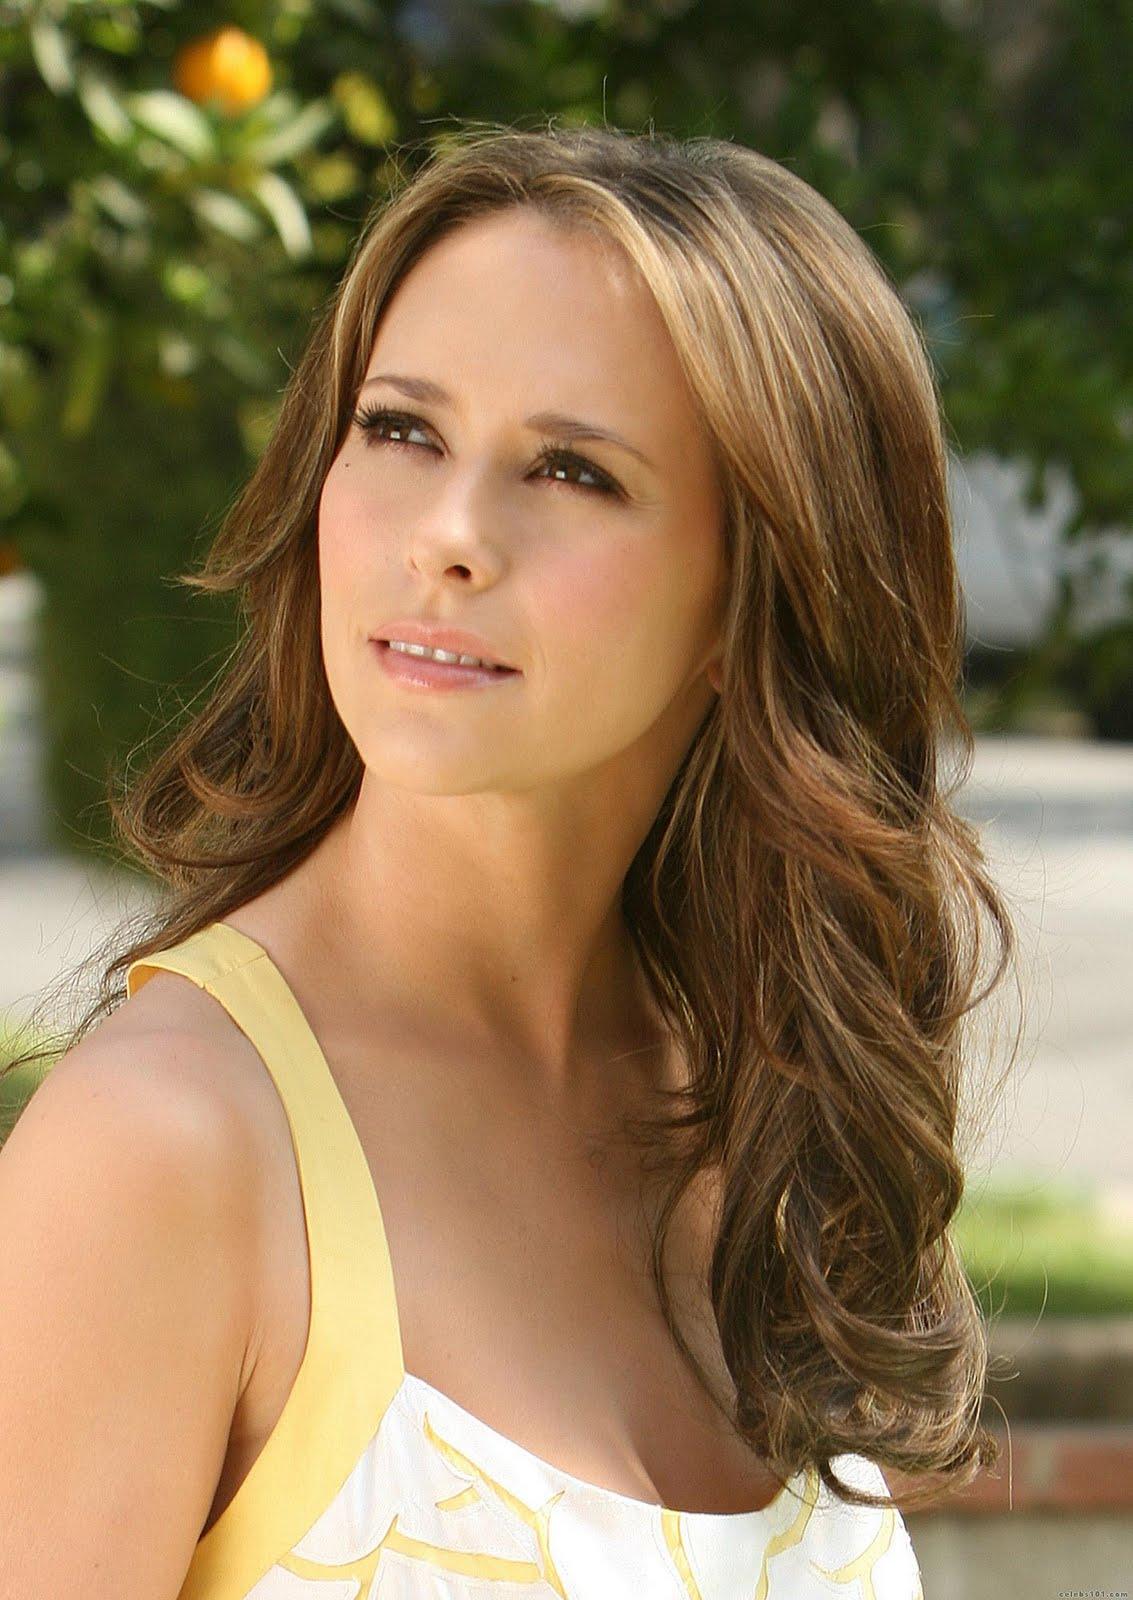 http://1.bp.blogspot.com/-pmEv49bwpBE/TvTnNo_E81I/AAAAAAAAHjc/BQwSZlsr_YY/s1600/Jennifer%2BLove%2BHewitt7.jpg